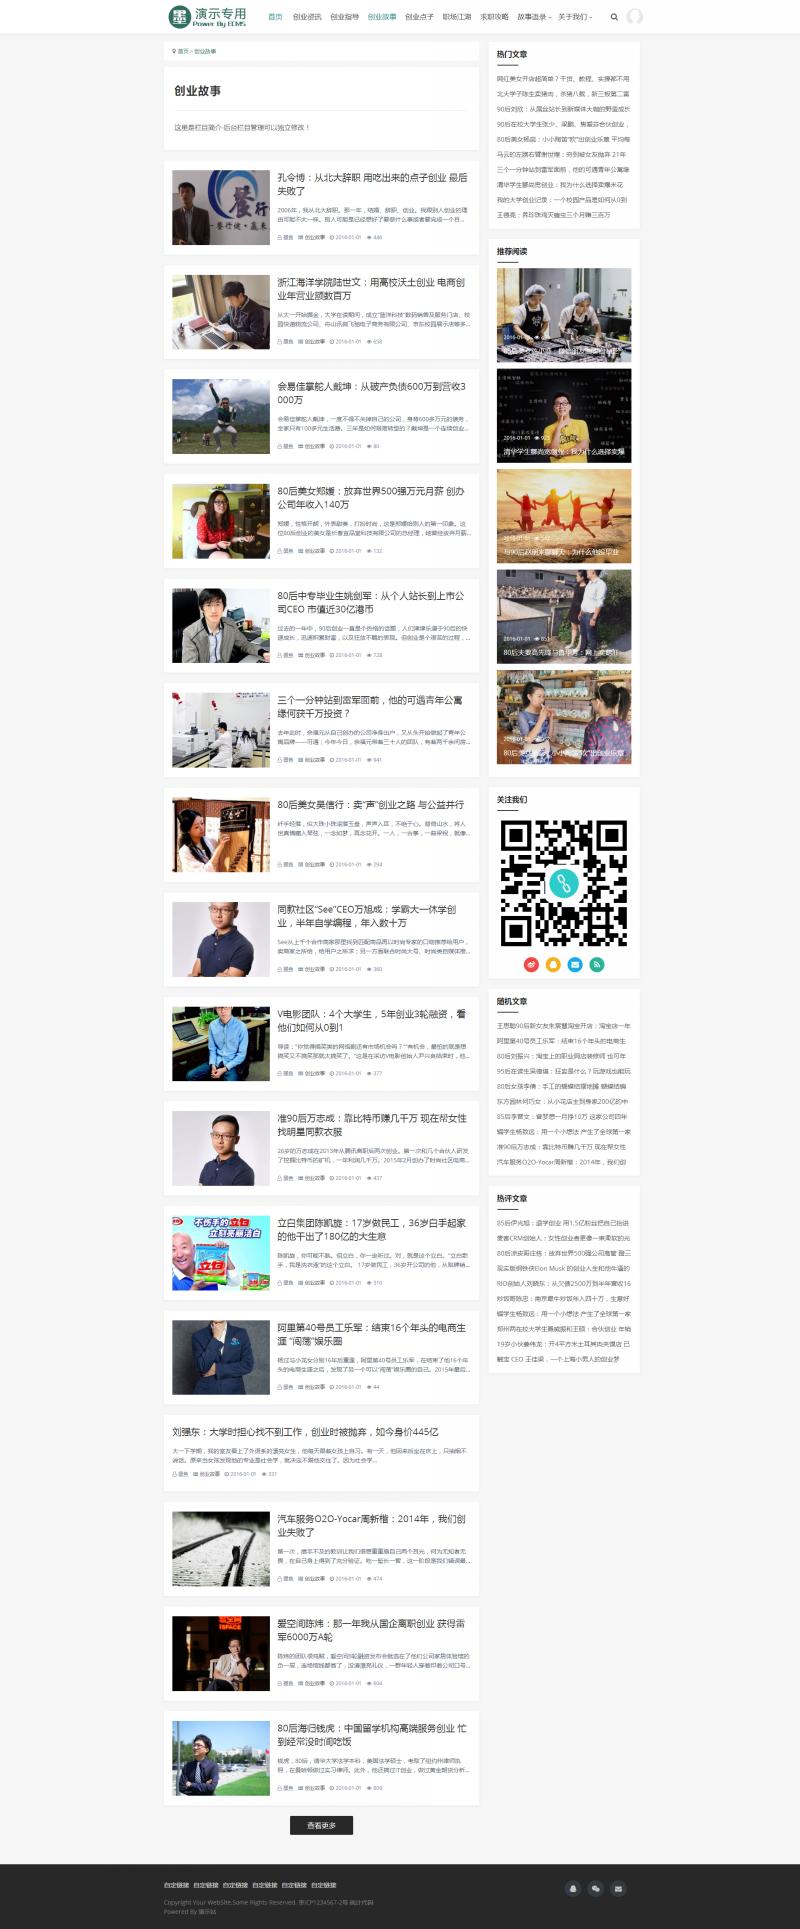 网站栏目.jpg [DG-018]帝国cms模板收费视频播放下载新闻资讯博客自适应手机HTML5帝国CMS整站模板 博客文章 第2张